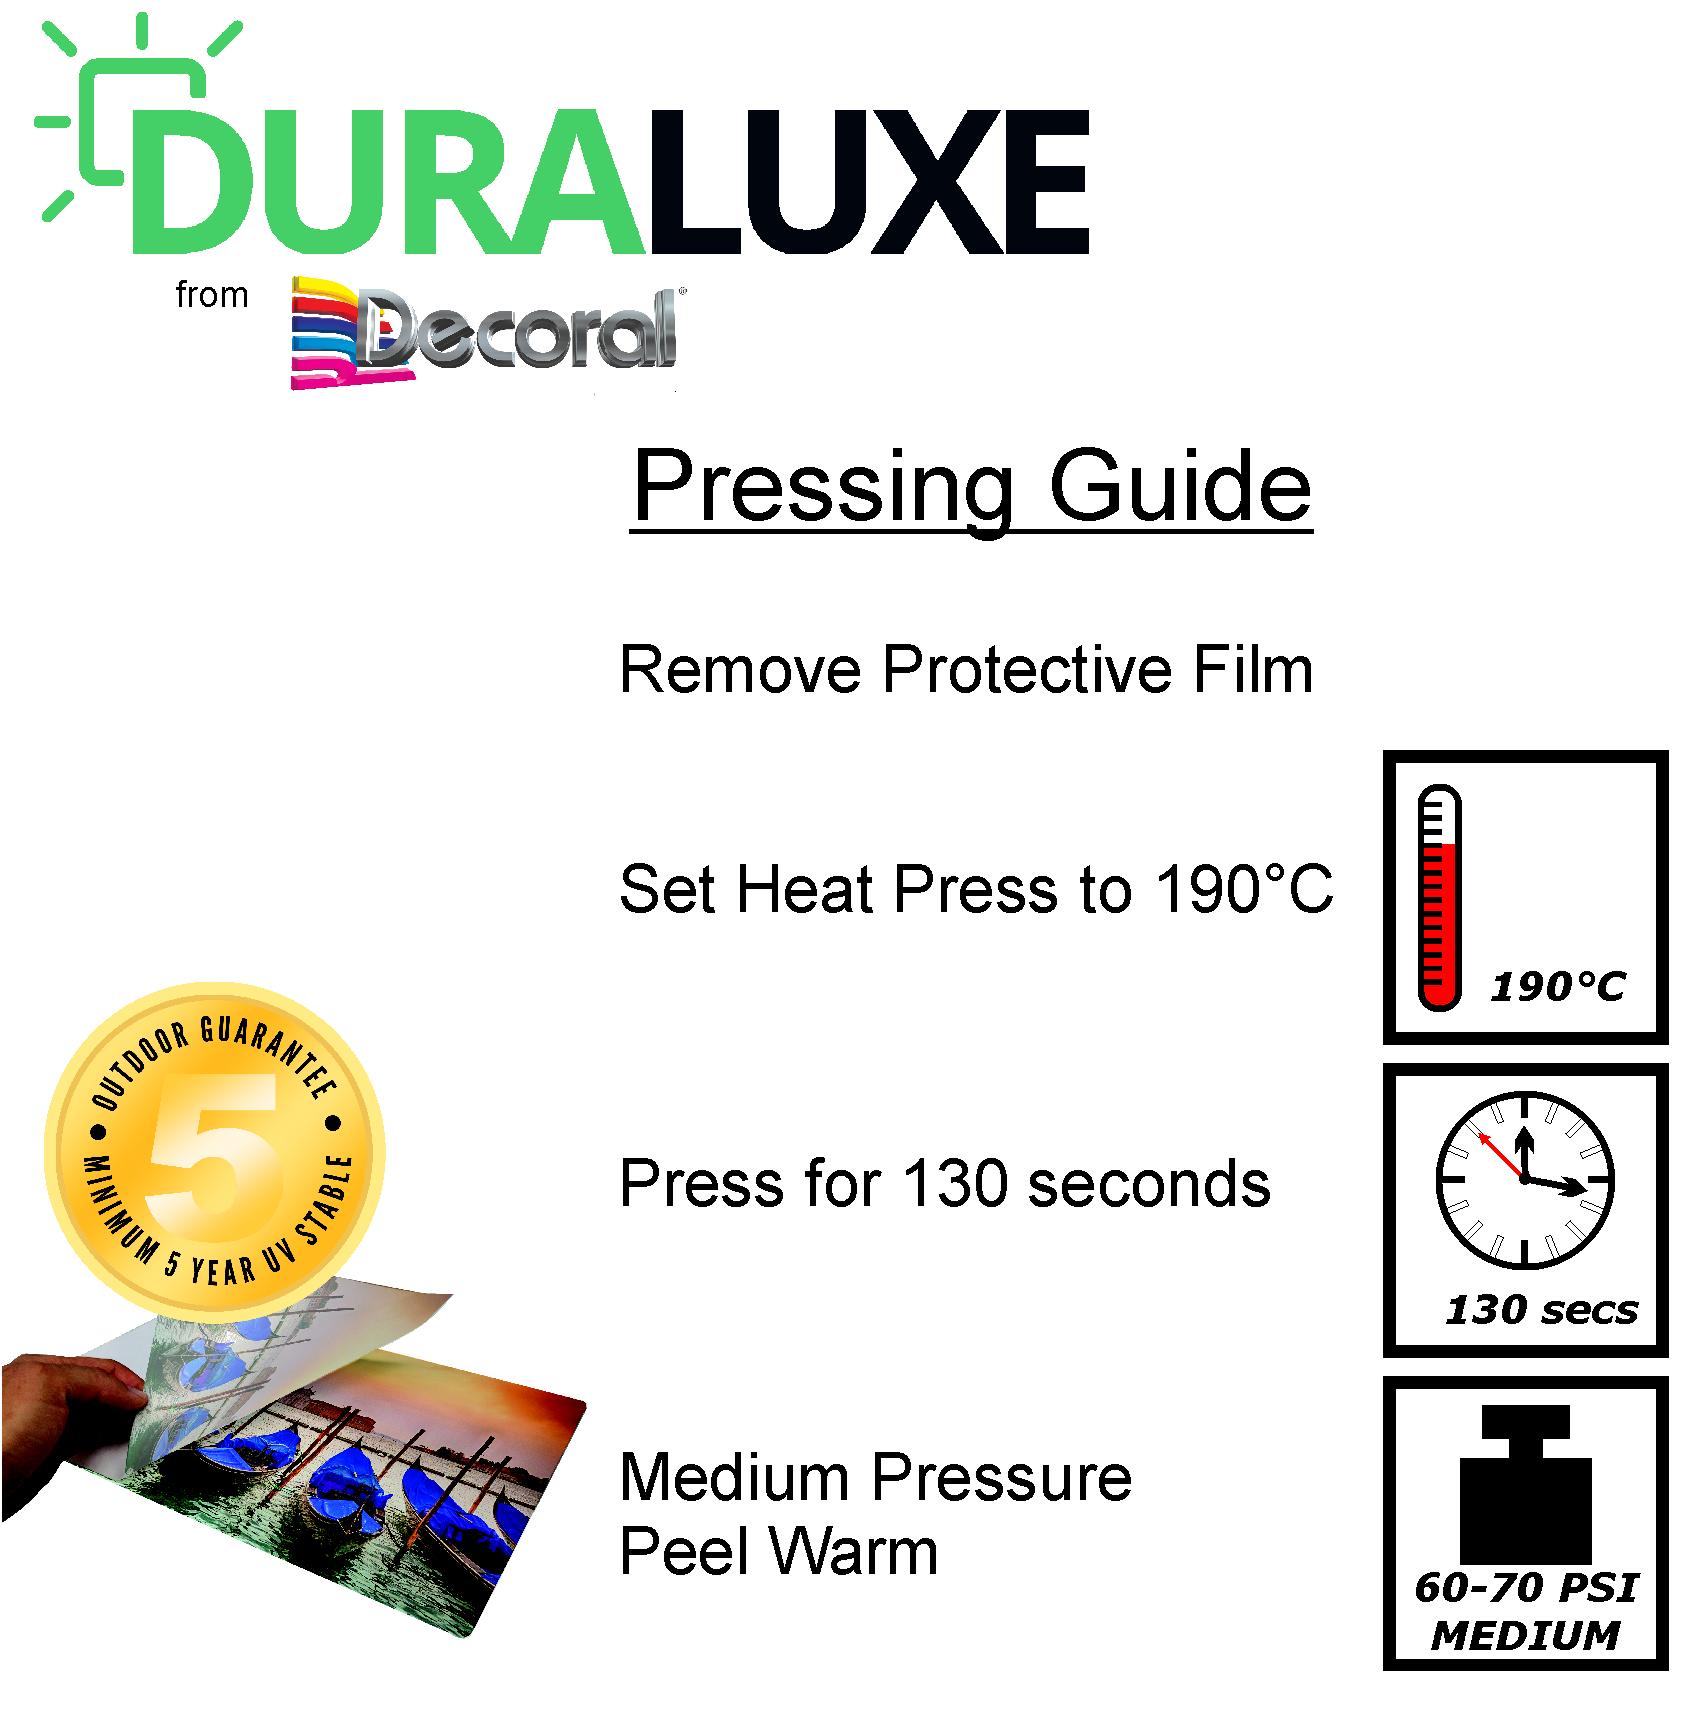 Duraluxe